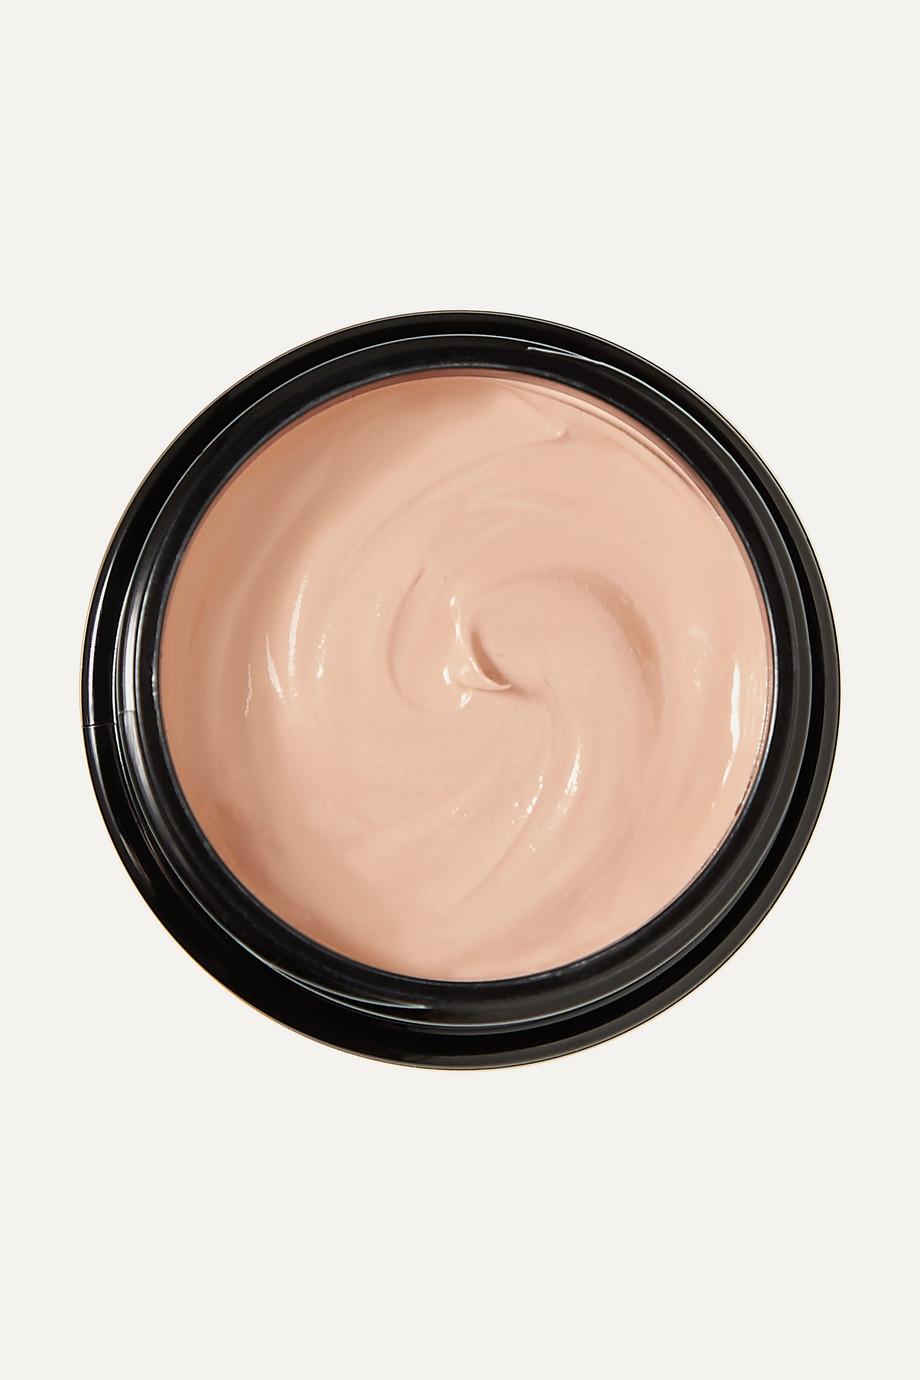 Kevyn Aucoin The Sensual Skin Enhancer - SX05